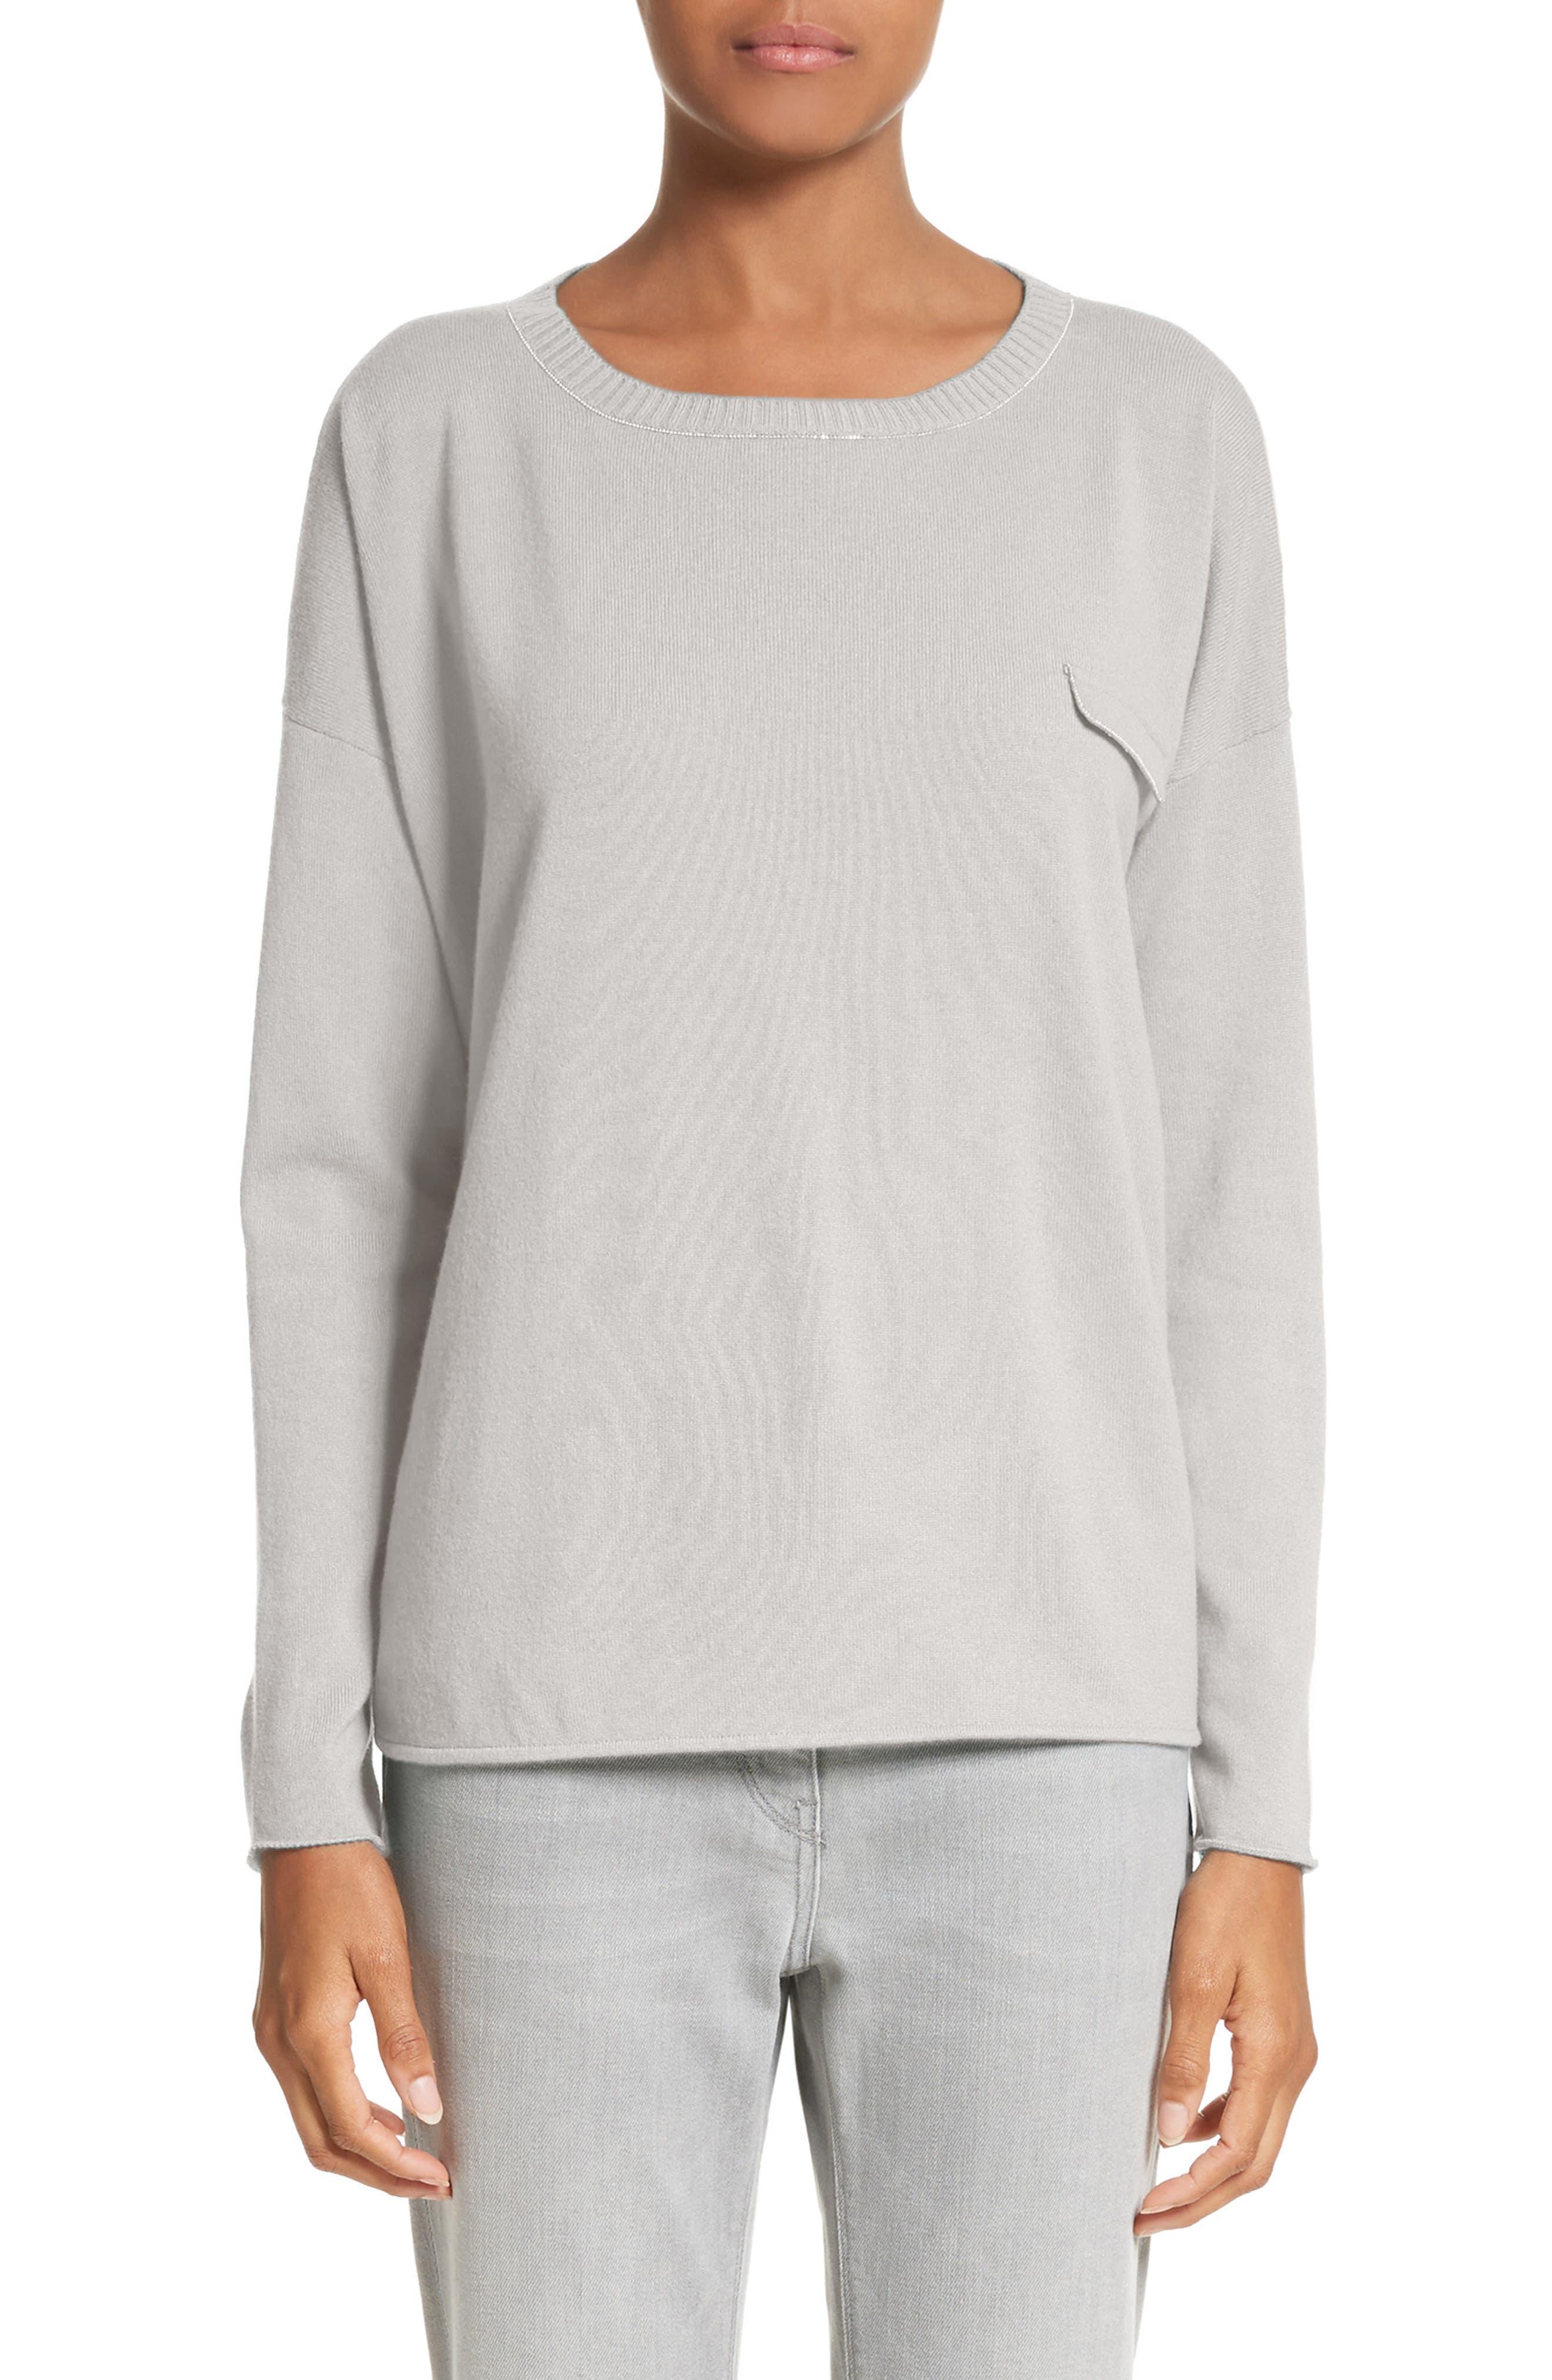 Alternate Image 1 Selected - Fabiana Filippi Beaded Cashmere Sweater